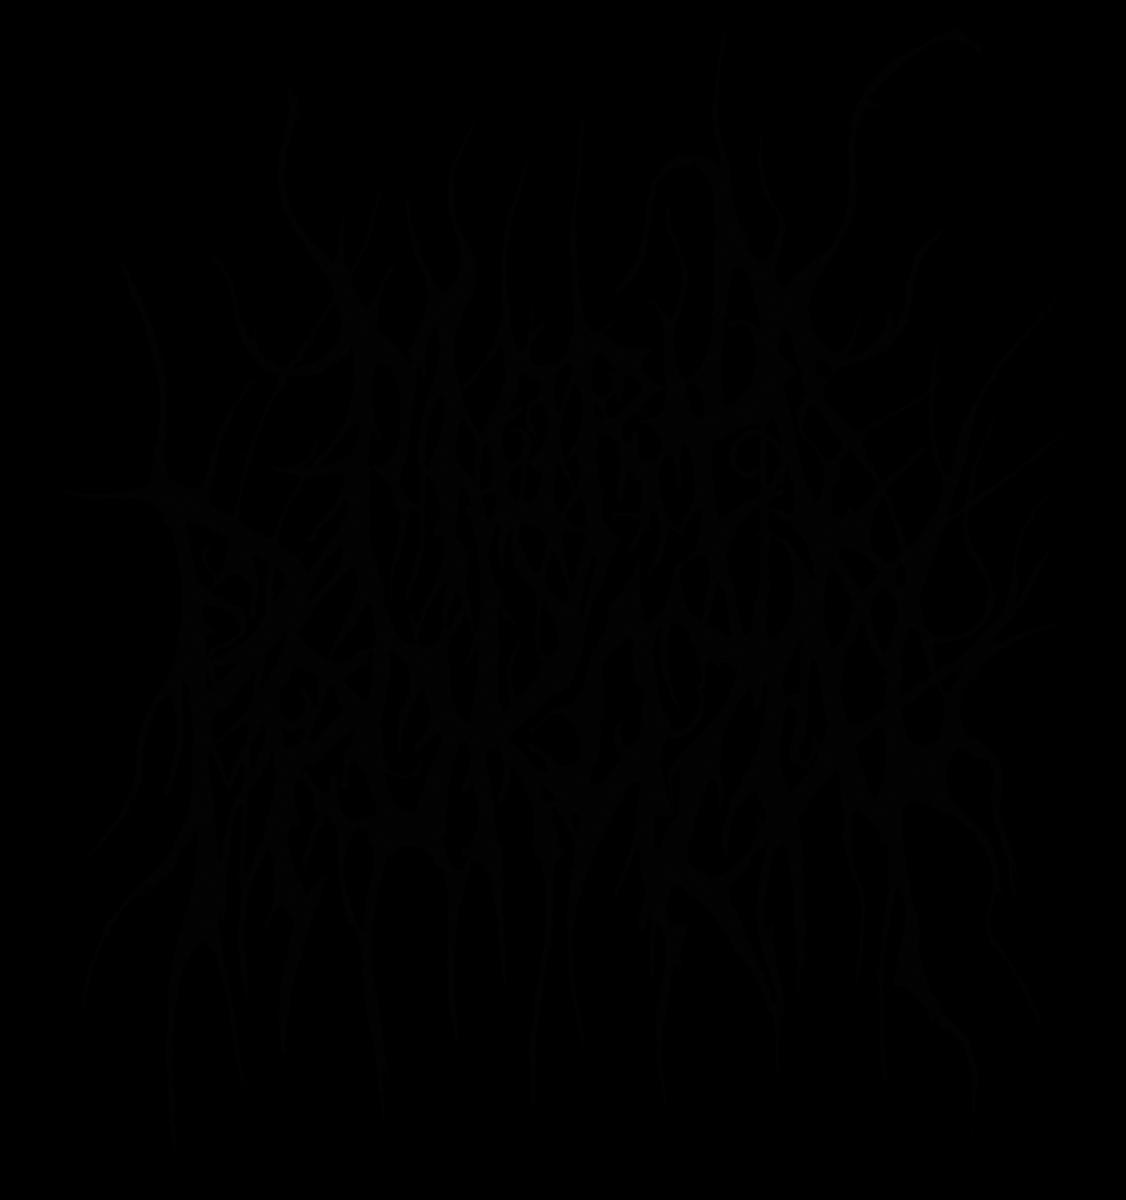 Mora_Prokaza-logo-black